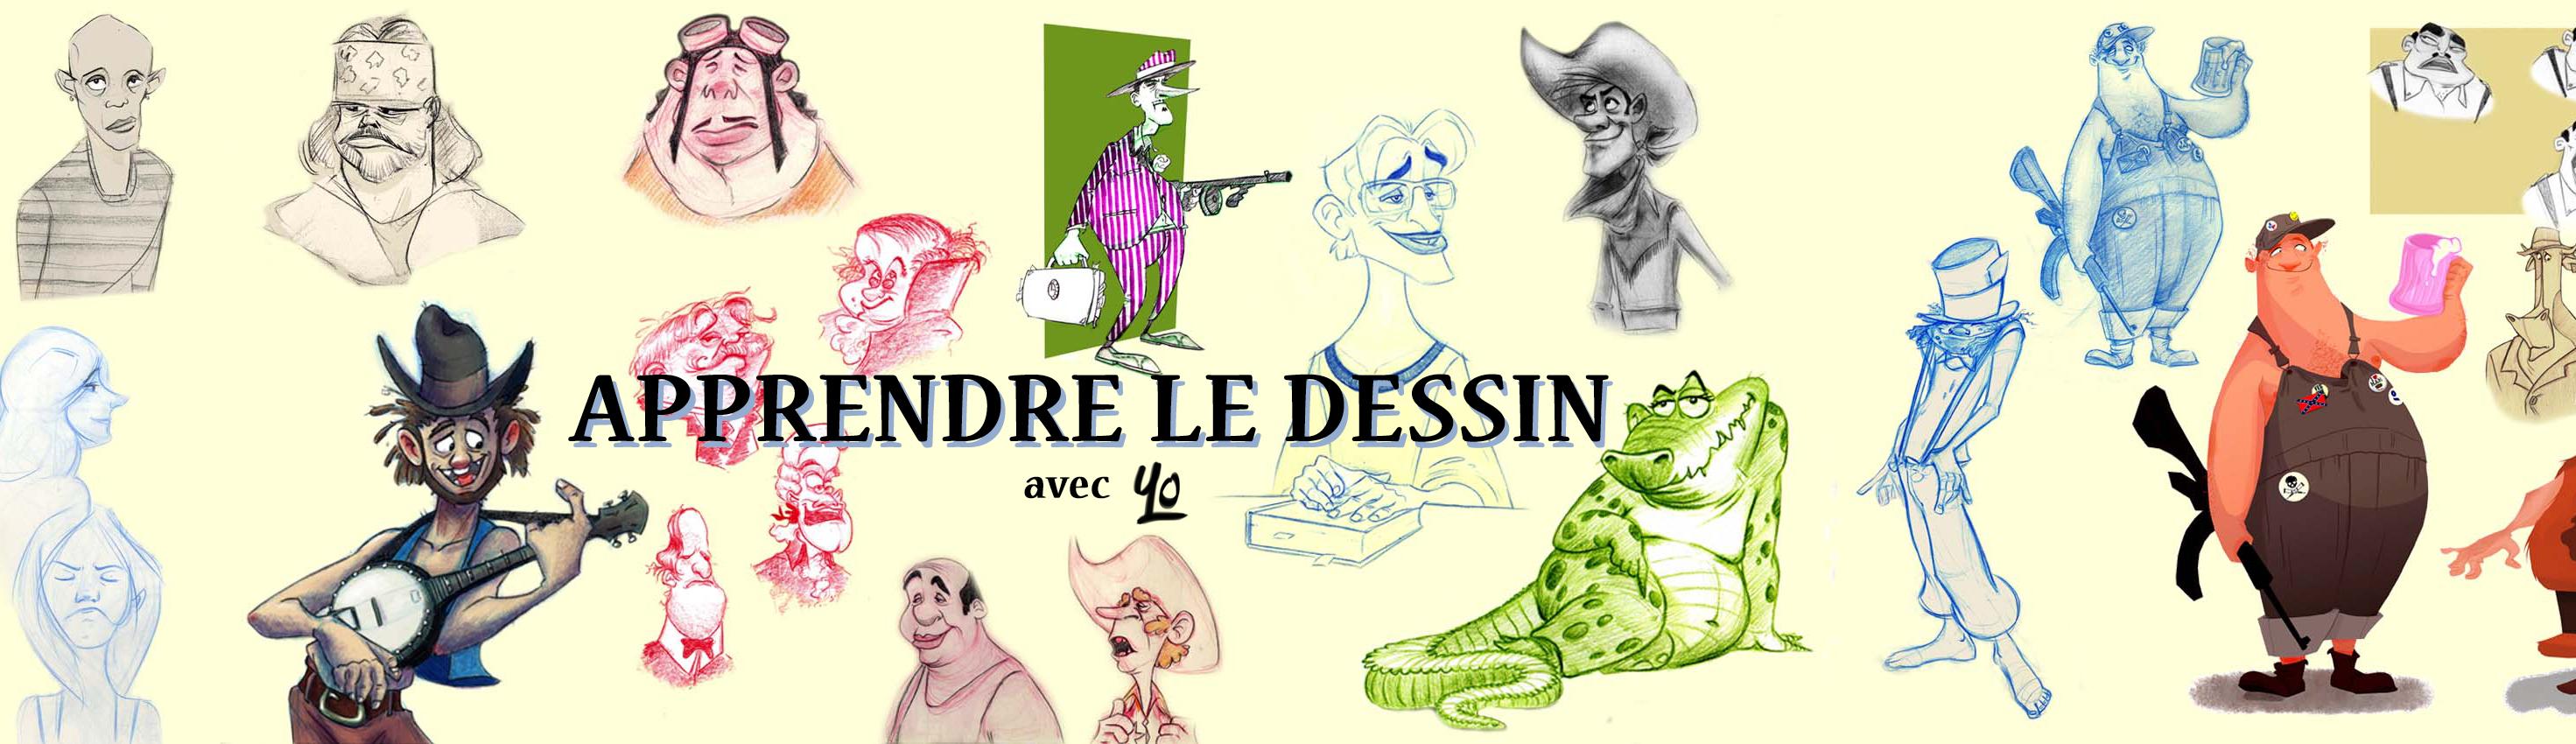 Apprendre le Dessin header image